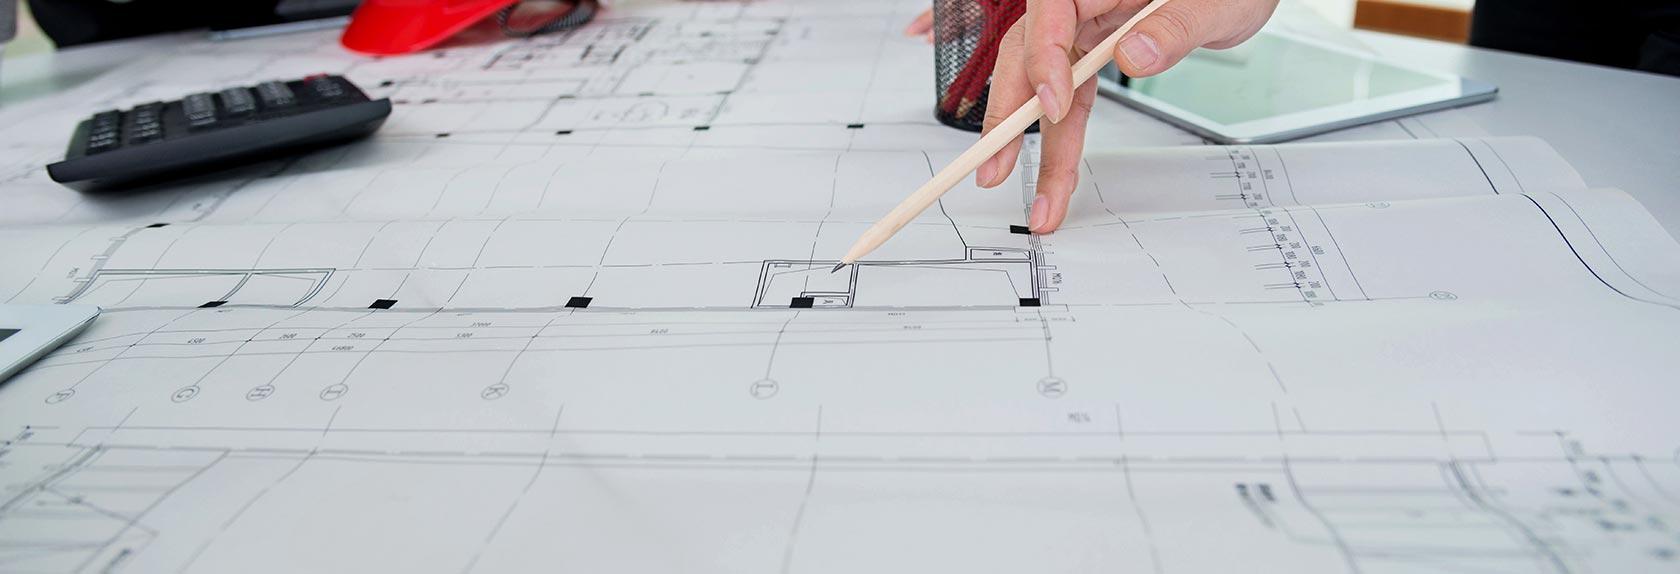 Haus Bauen Architektenkosten Preisvergleich Auf 11880 Com